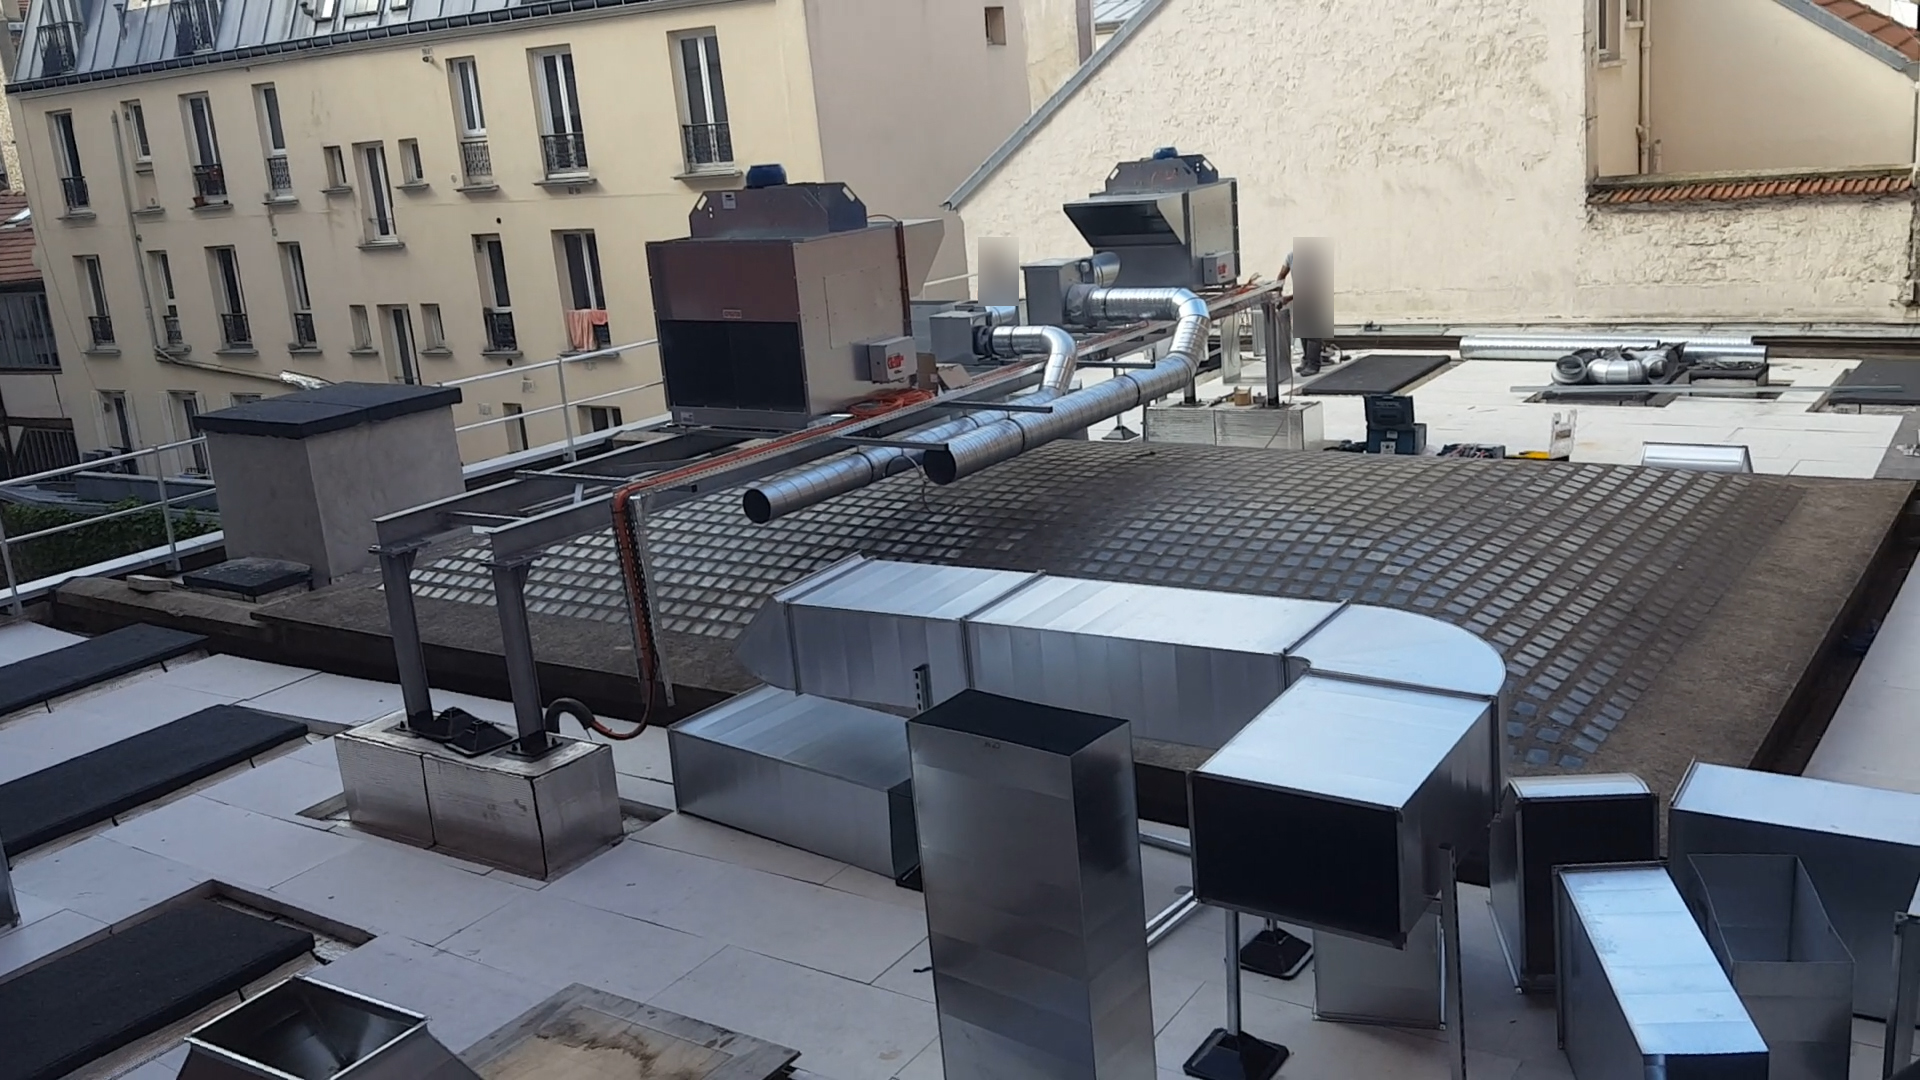 Travaux sur le toit-terrasse le 20 juillet 2020